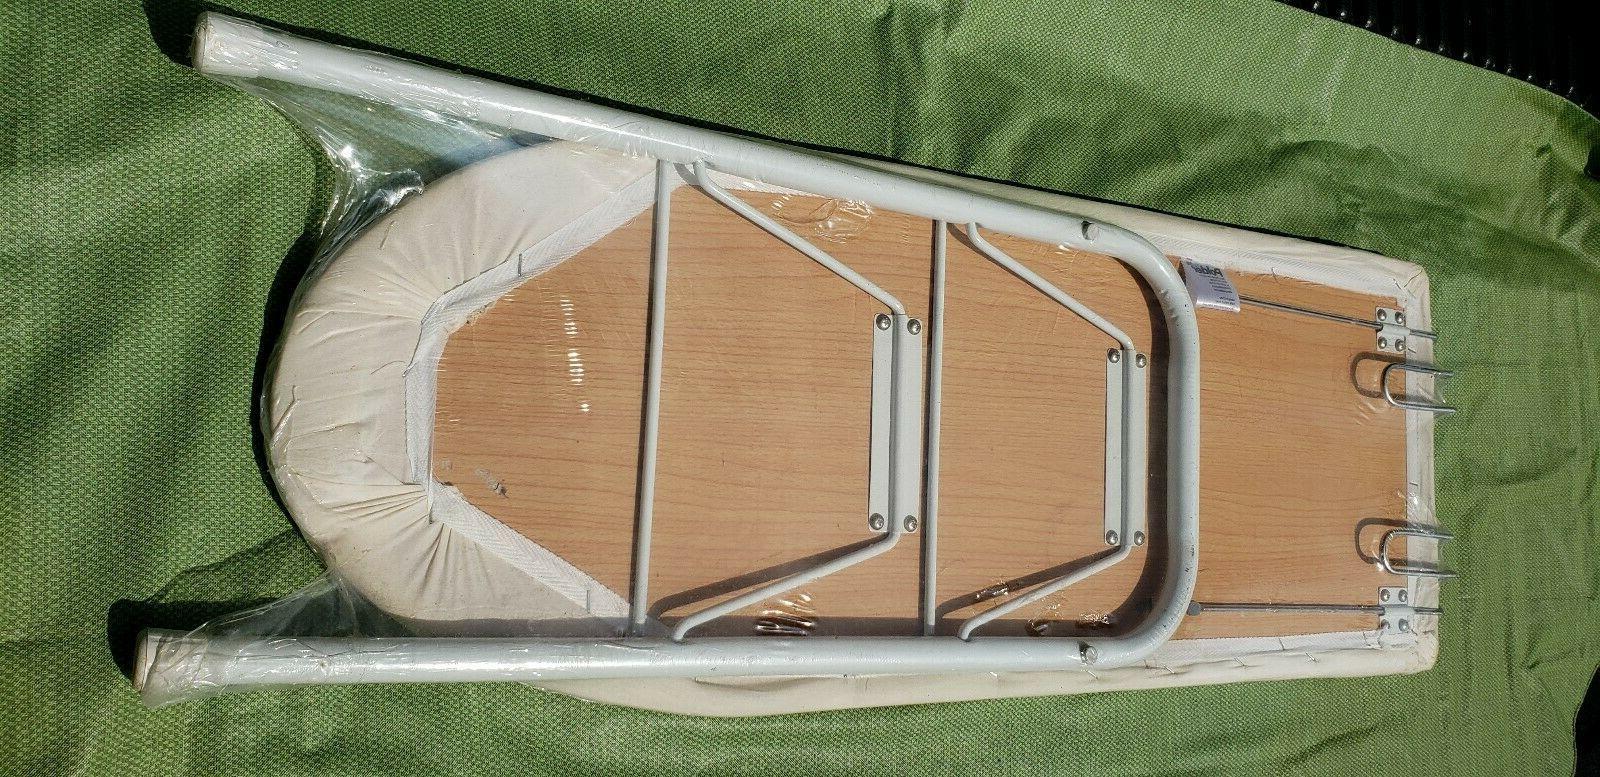 Polder Tabletop Board Beige 32 x 12 in.